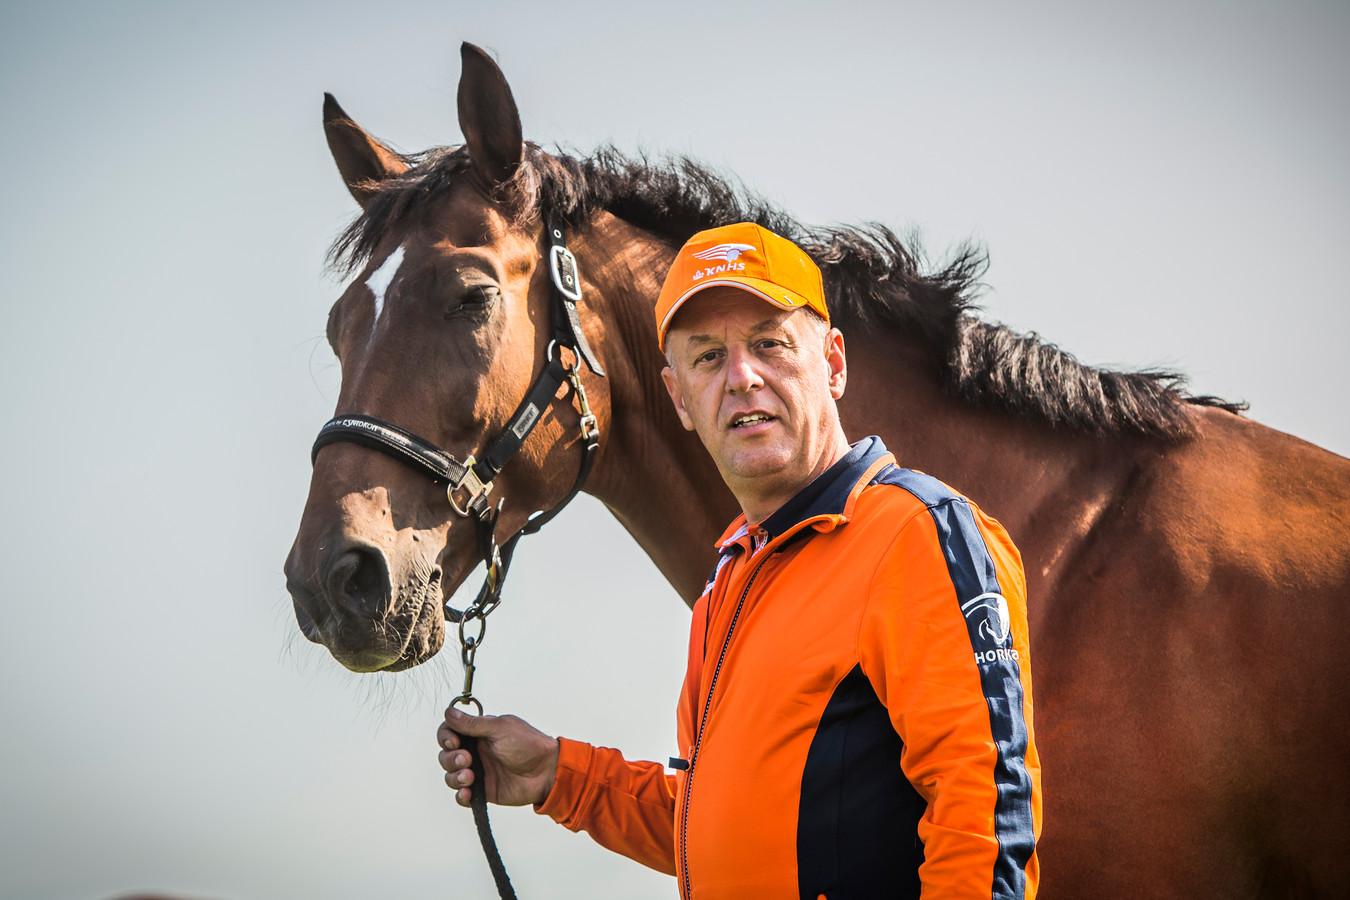 Joop Gommers met zijn paard Bandit op het WK-terrein in Kronenberg.